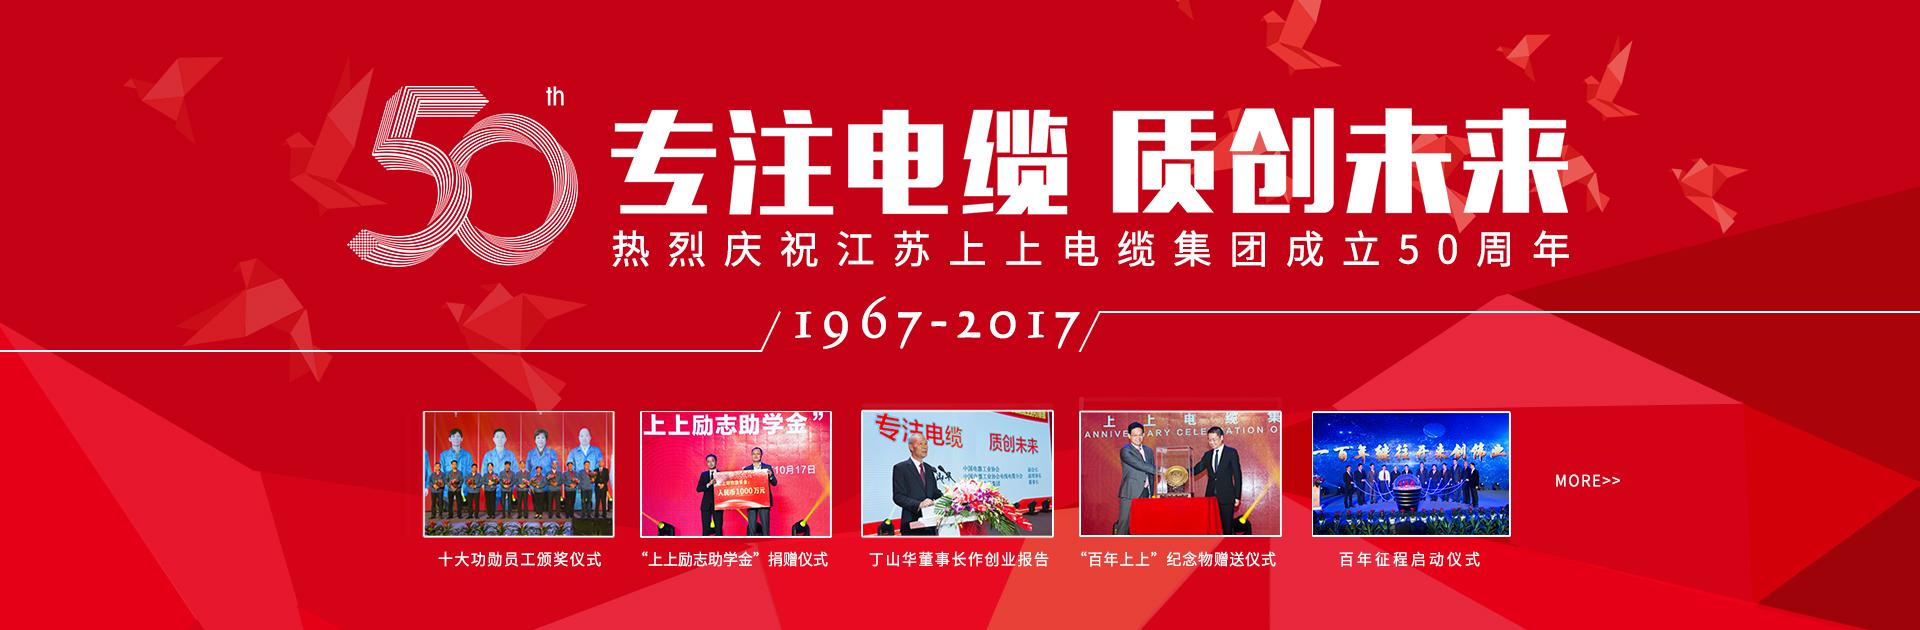 50周年庆典